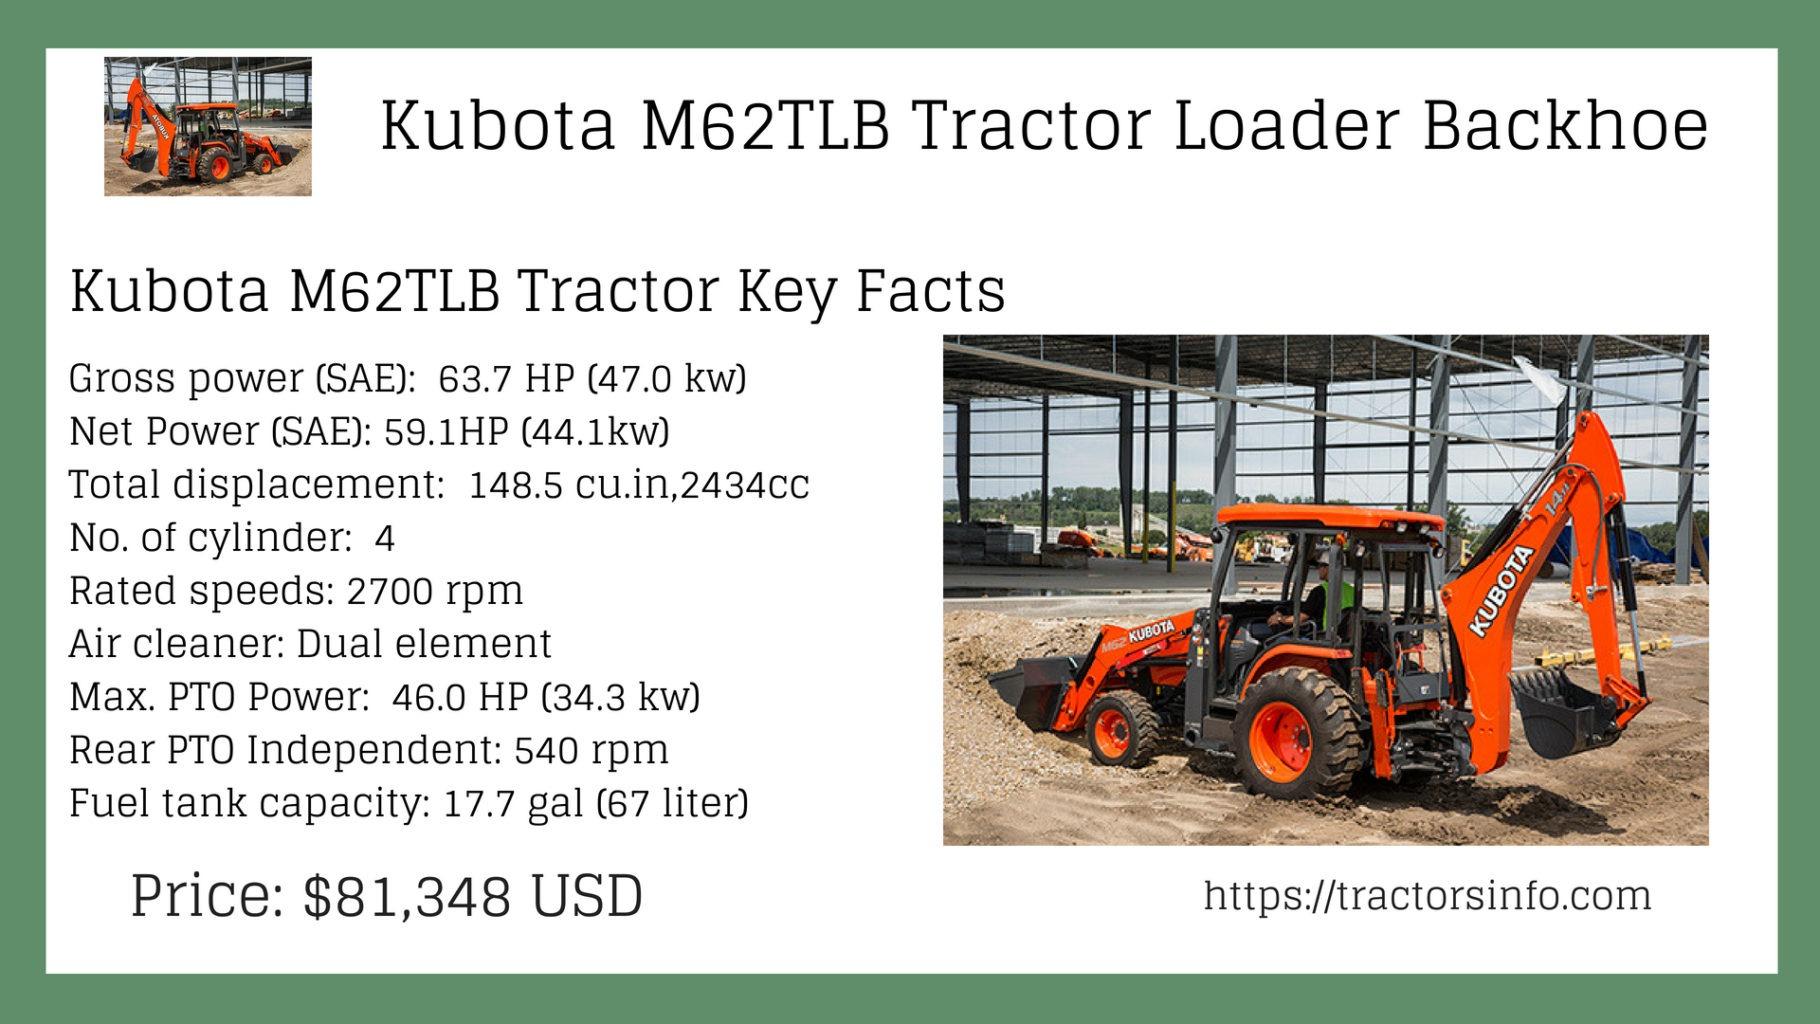 Kubota 62TLB